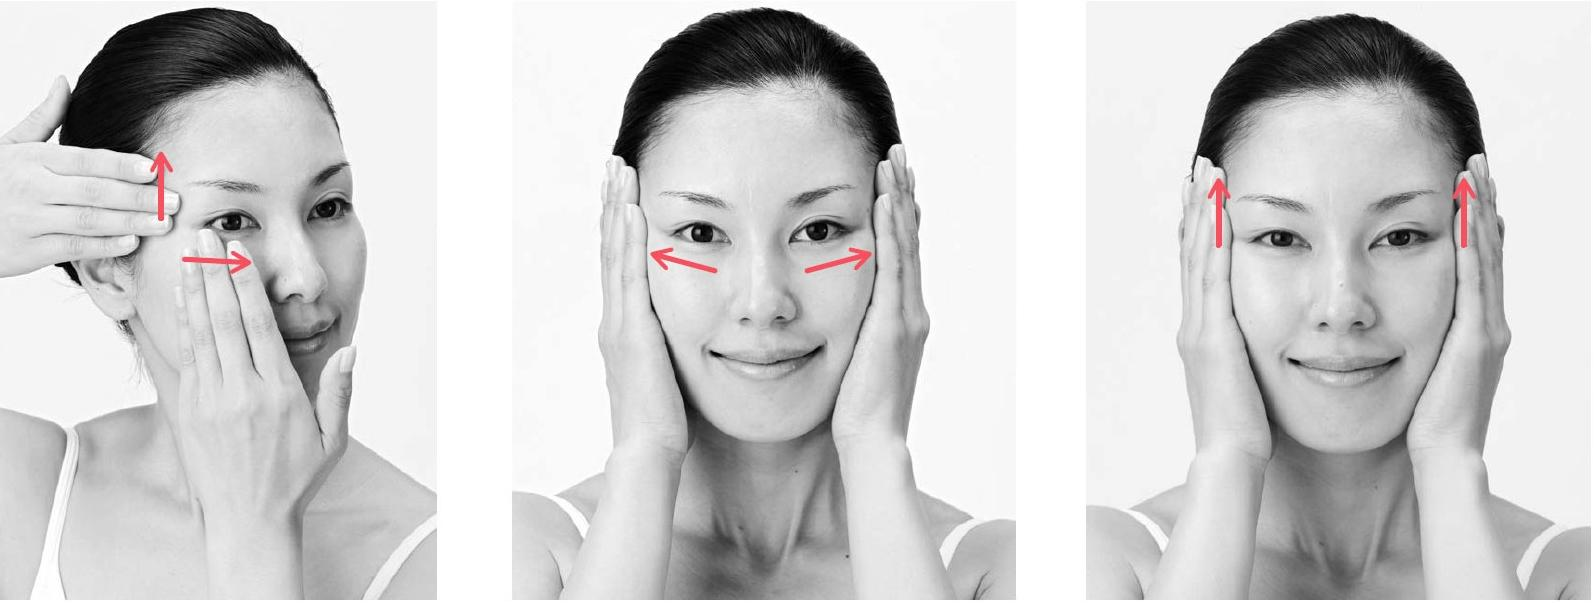 ᐉ японский массаж лица асахи: видео на русском языке для обучения правильной технике. японский омолаживающий массаж лица асахи от юкуко танака (zogan) ➡ klass511.ru